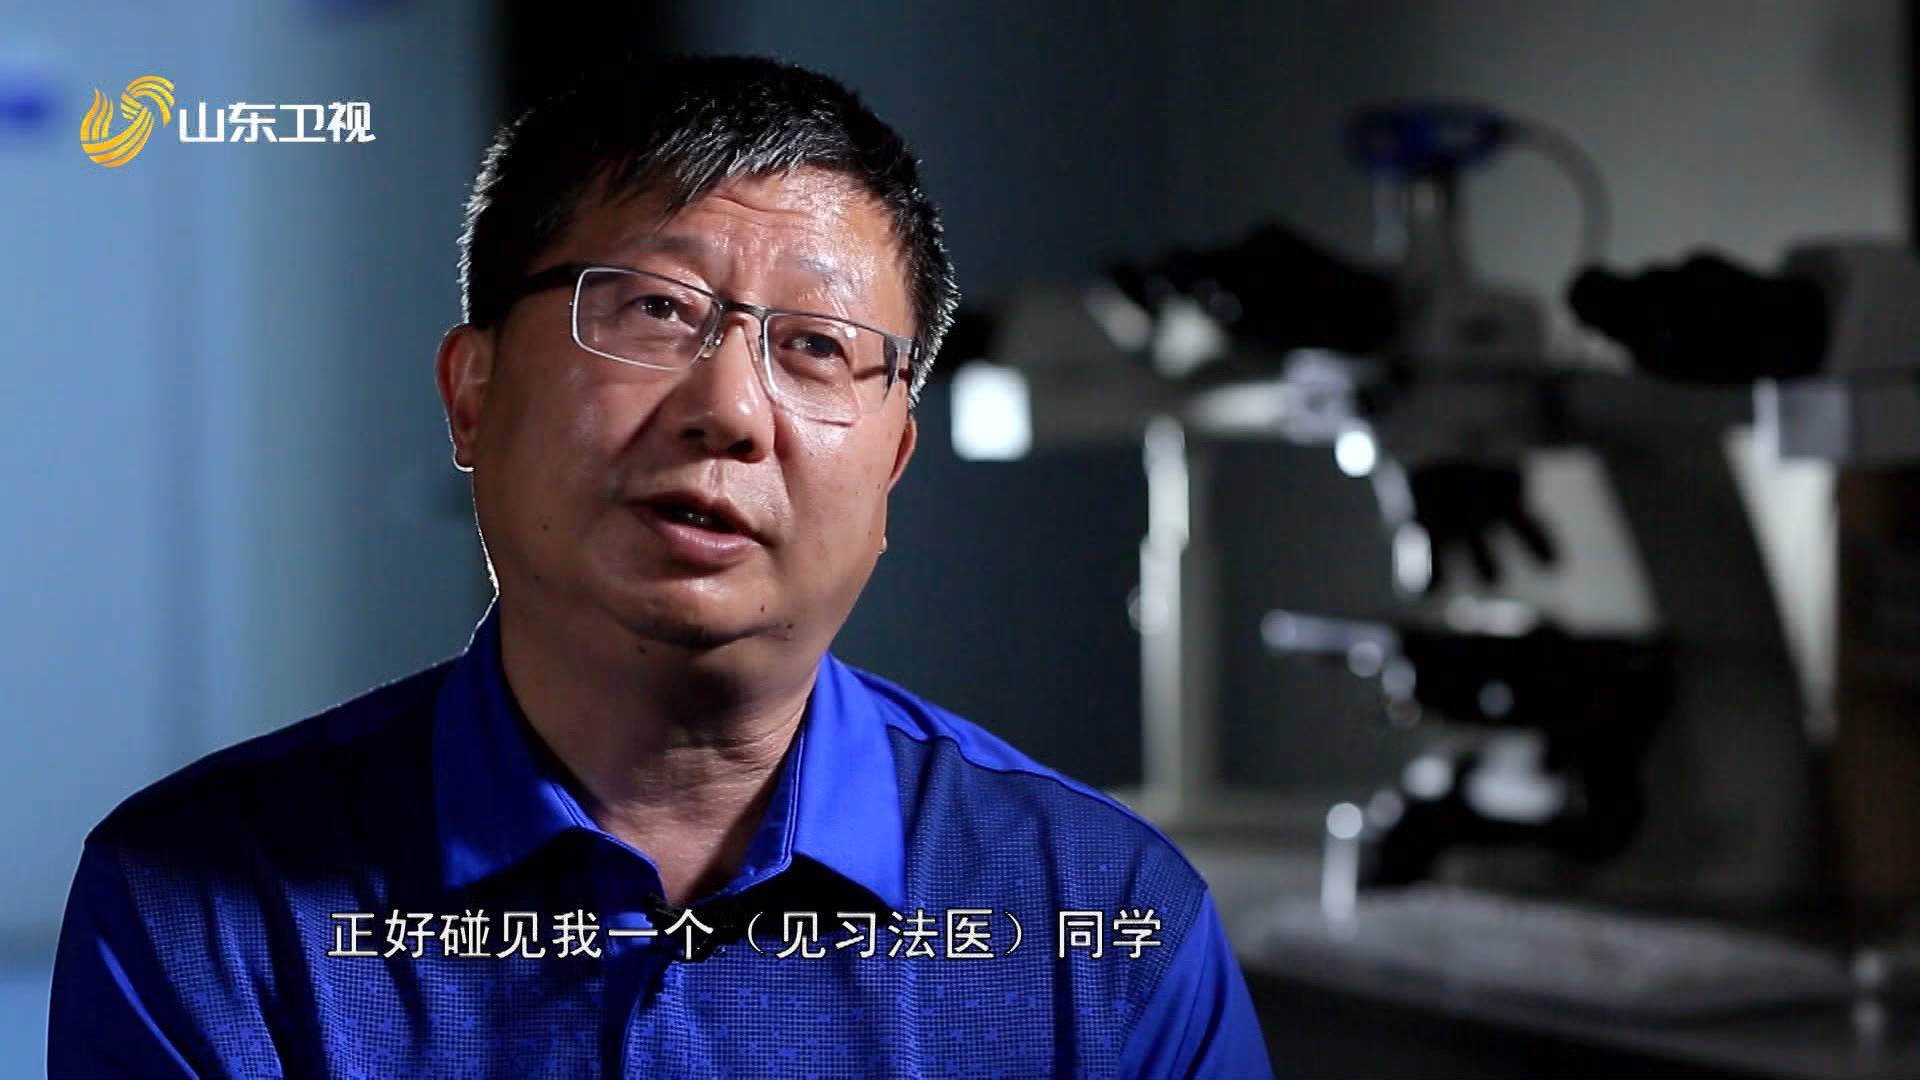 对话中国首例新冠肺炎遗体解剖主刀医生刘良 曾反对父亲捐献遗体